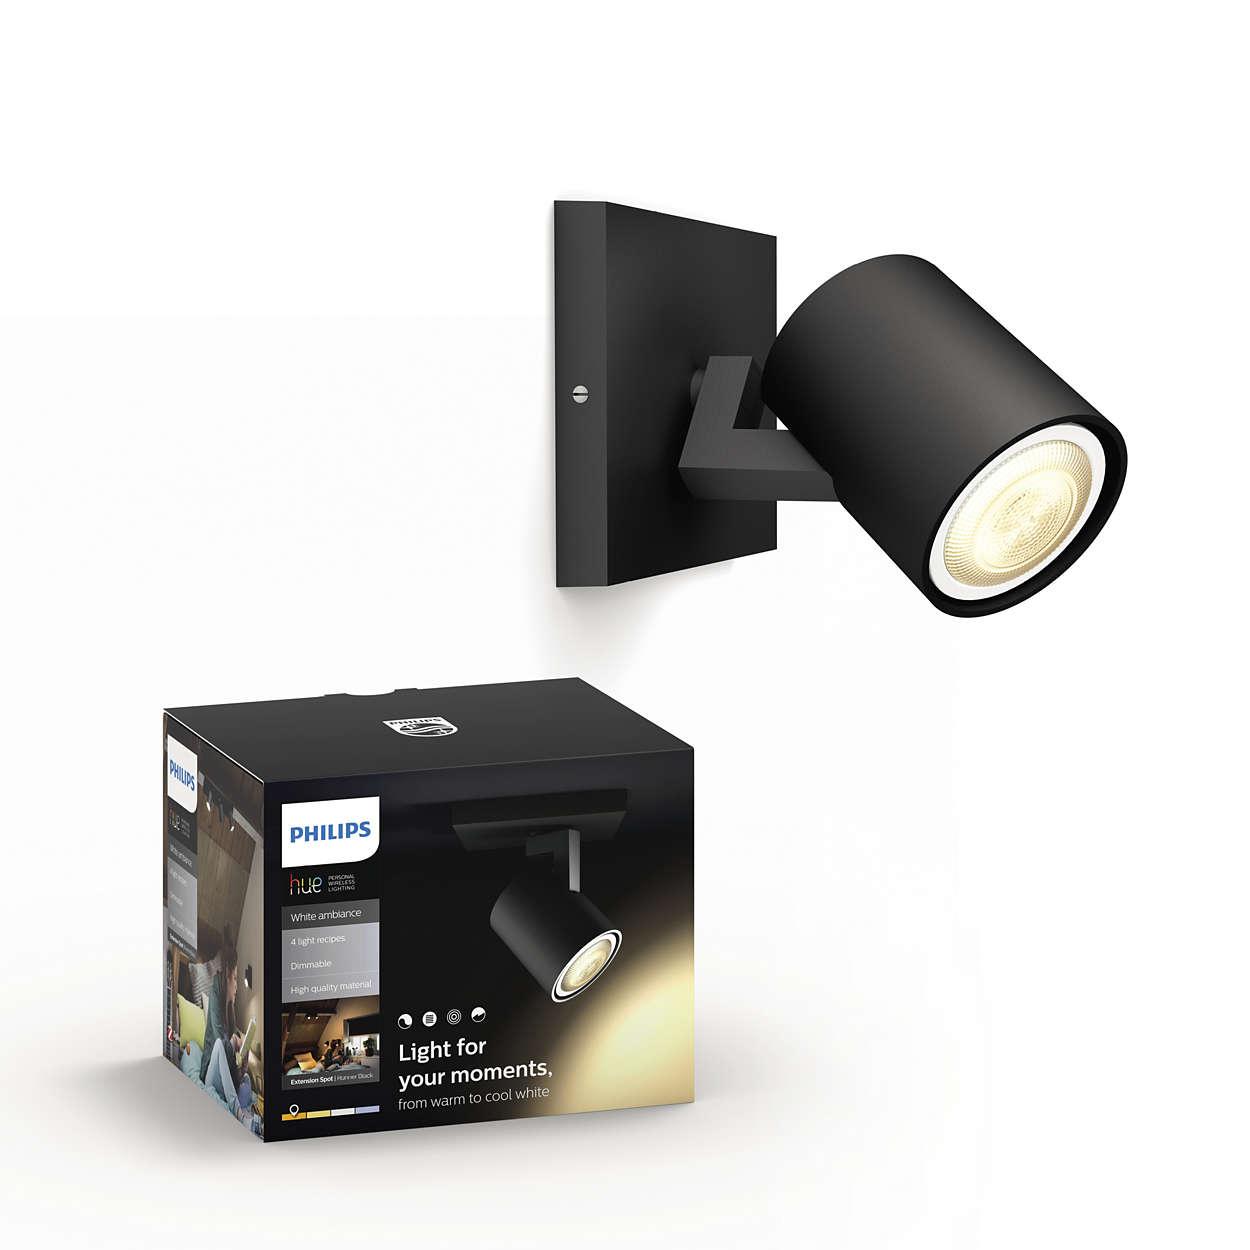 Vytvářejte si vlastní atmosféru pomocí směrového osvětlení